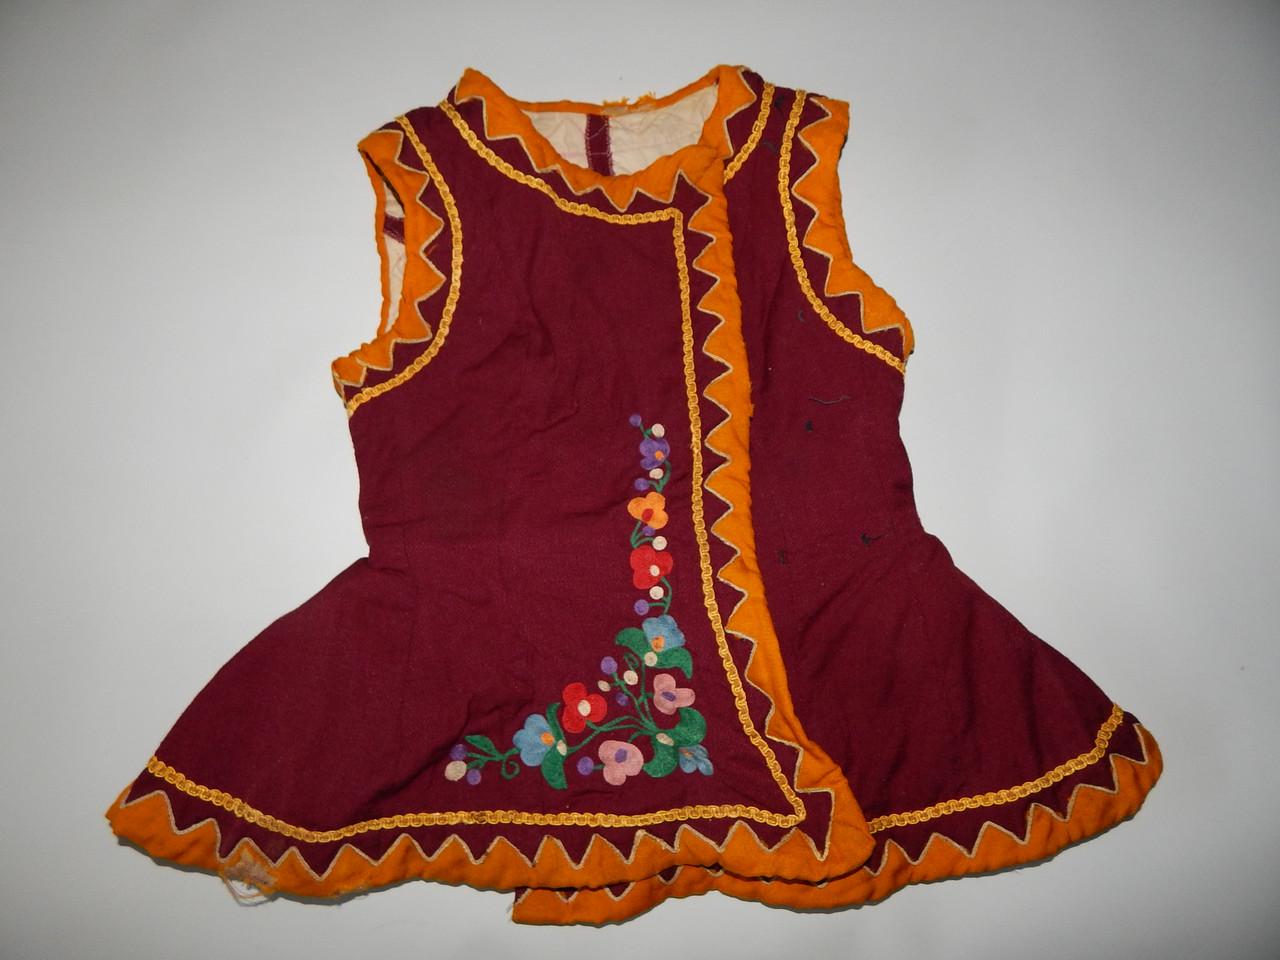 Старовинний Український одяг КОРСЕТКА 9505 - AntikvarUA в Киеве cee27f4281a79